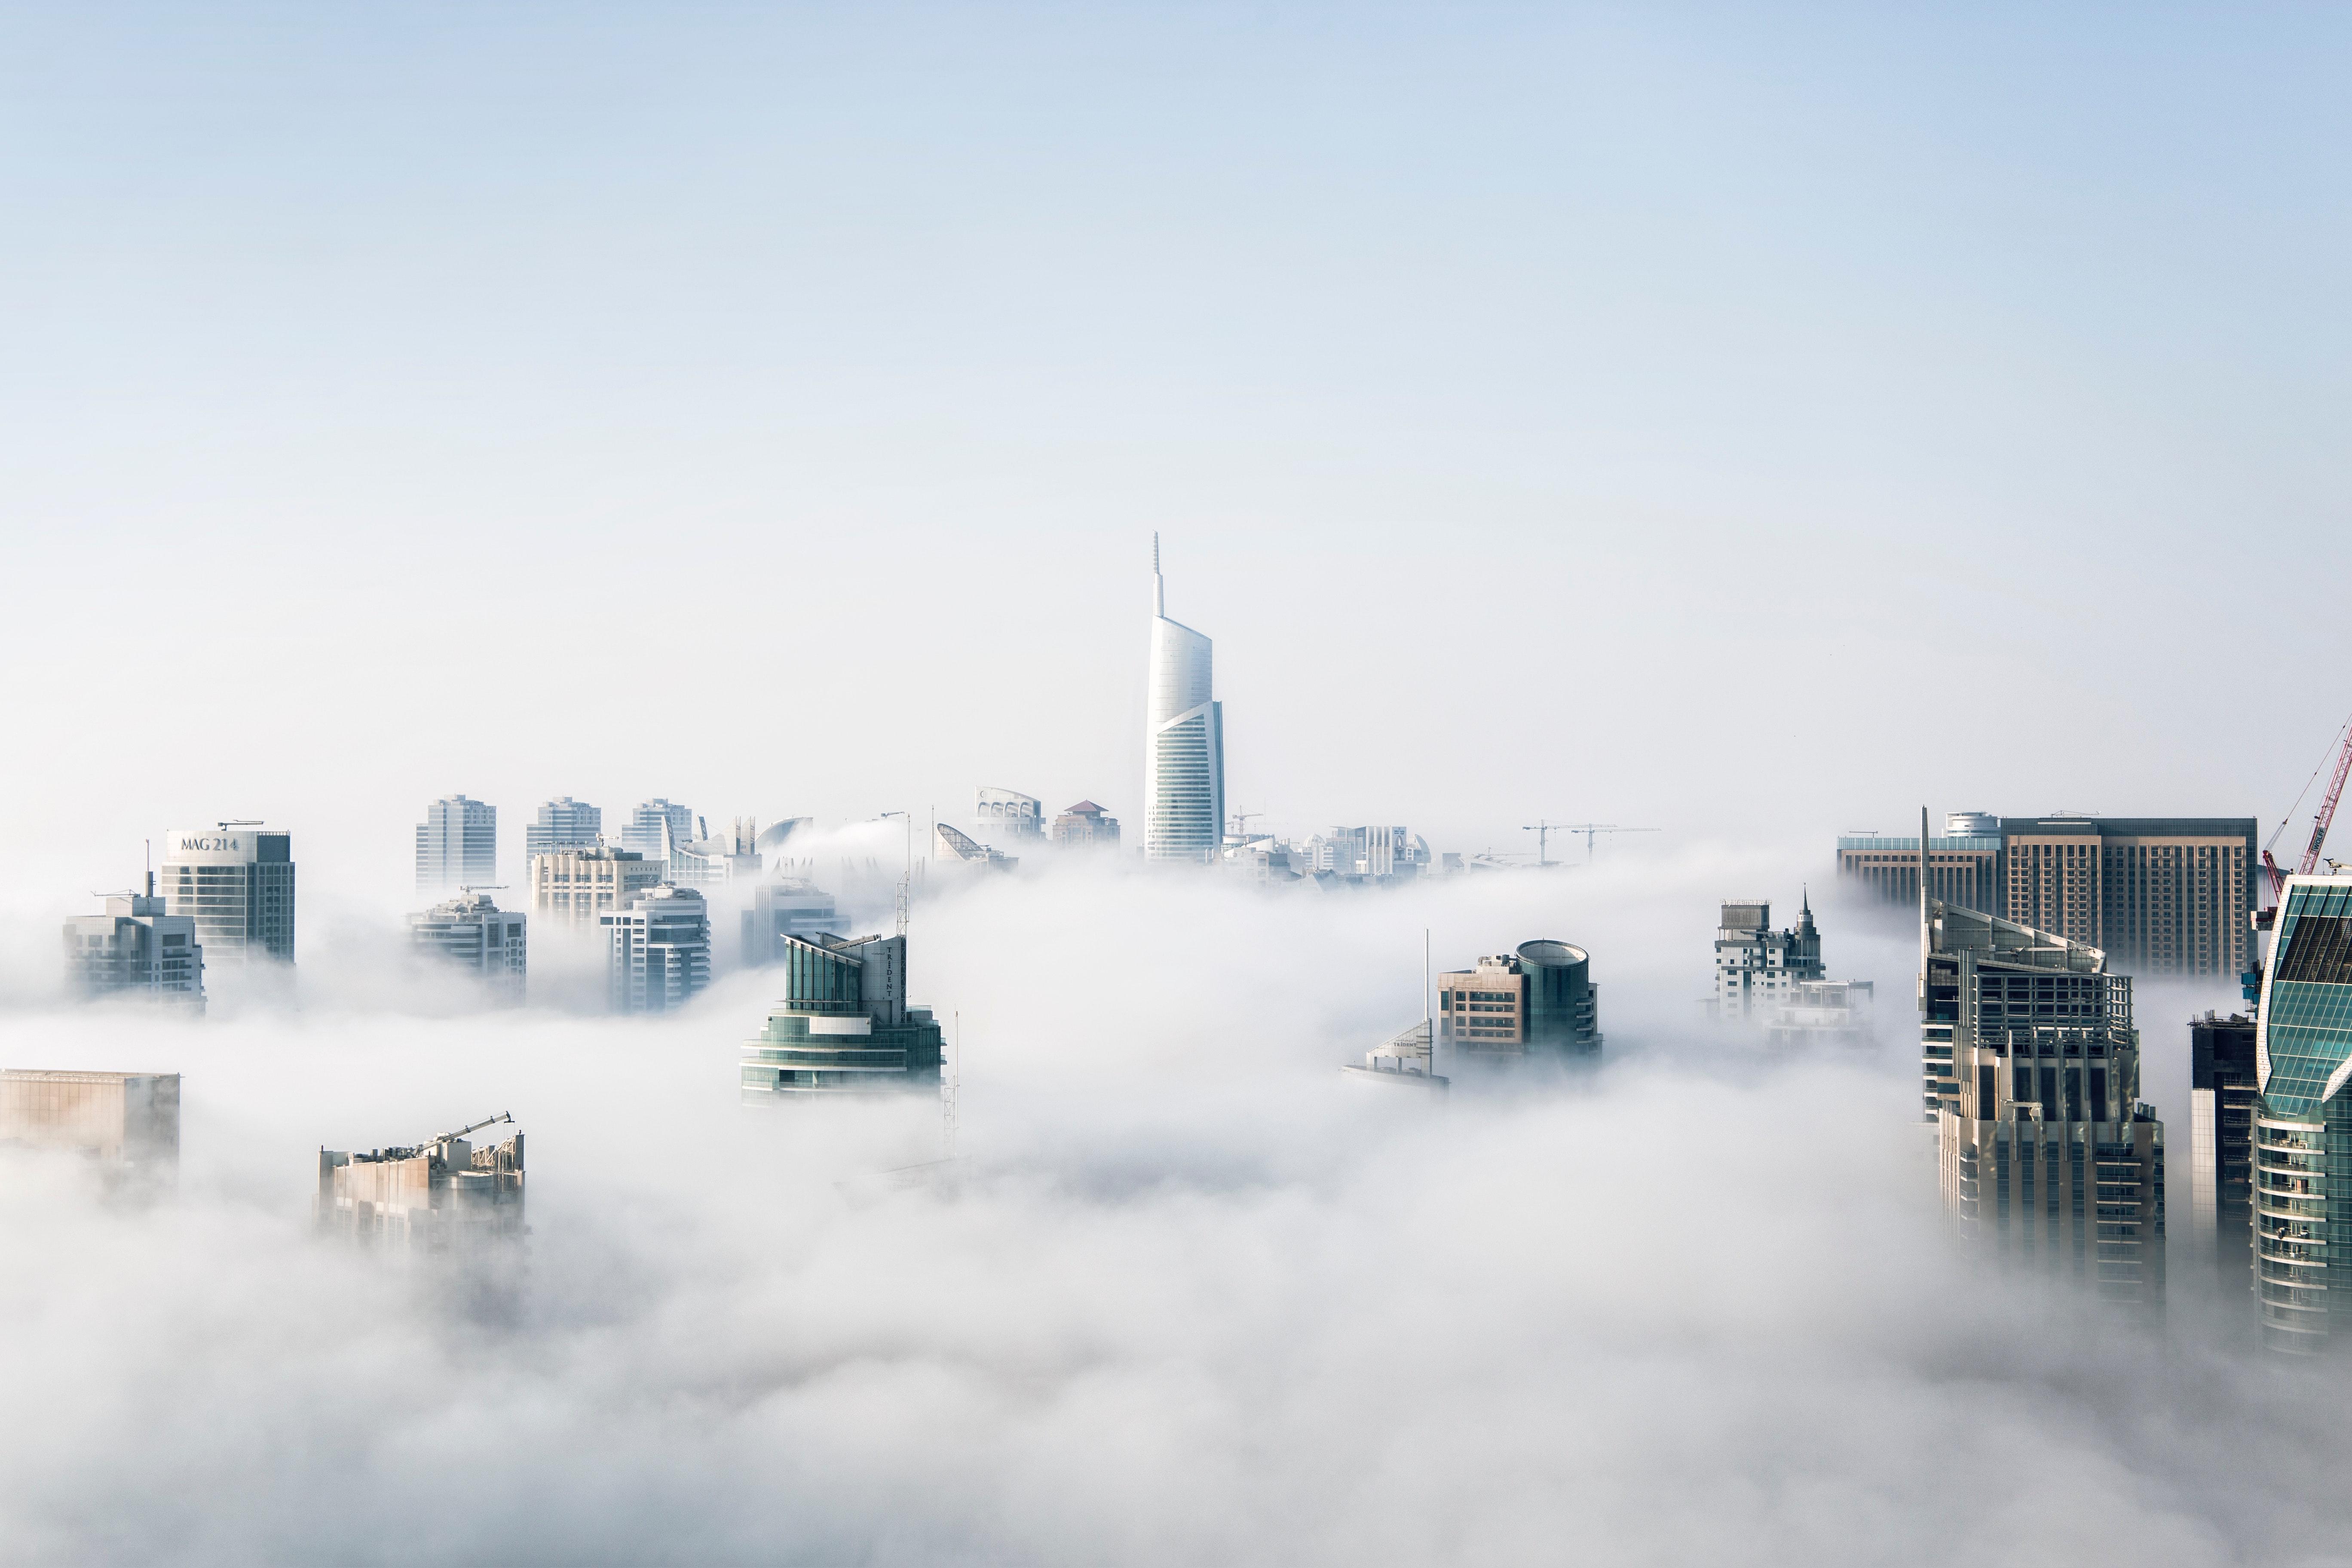 Das weltweit erste Fondsrating, das es Anlegern ermöglicht, Nachhaltigkeitsaspekte in ihre Anlageentscheidungen zu integrieren präsentiert auf 12 globalen Landingpages.